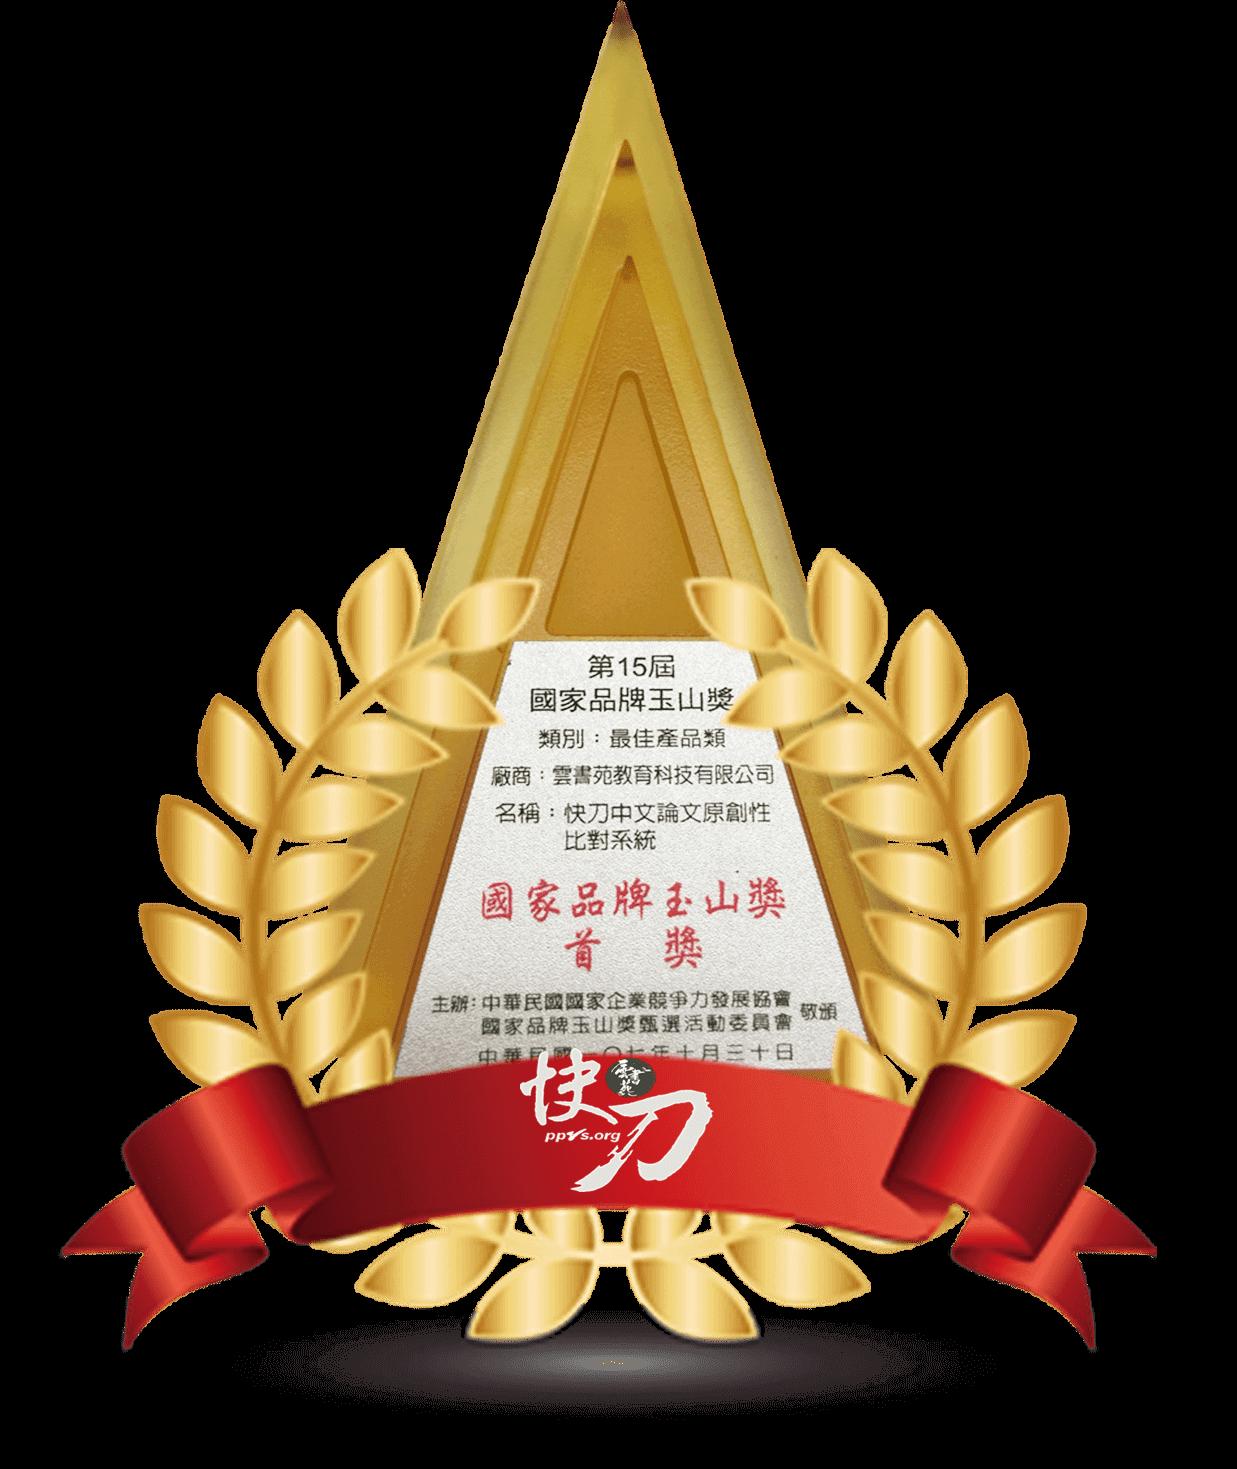 國家品牌玉山獎